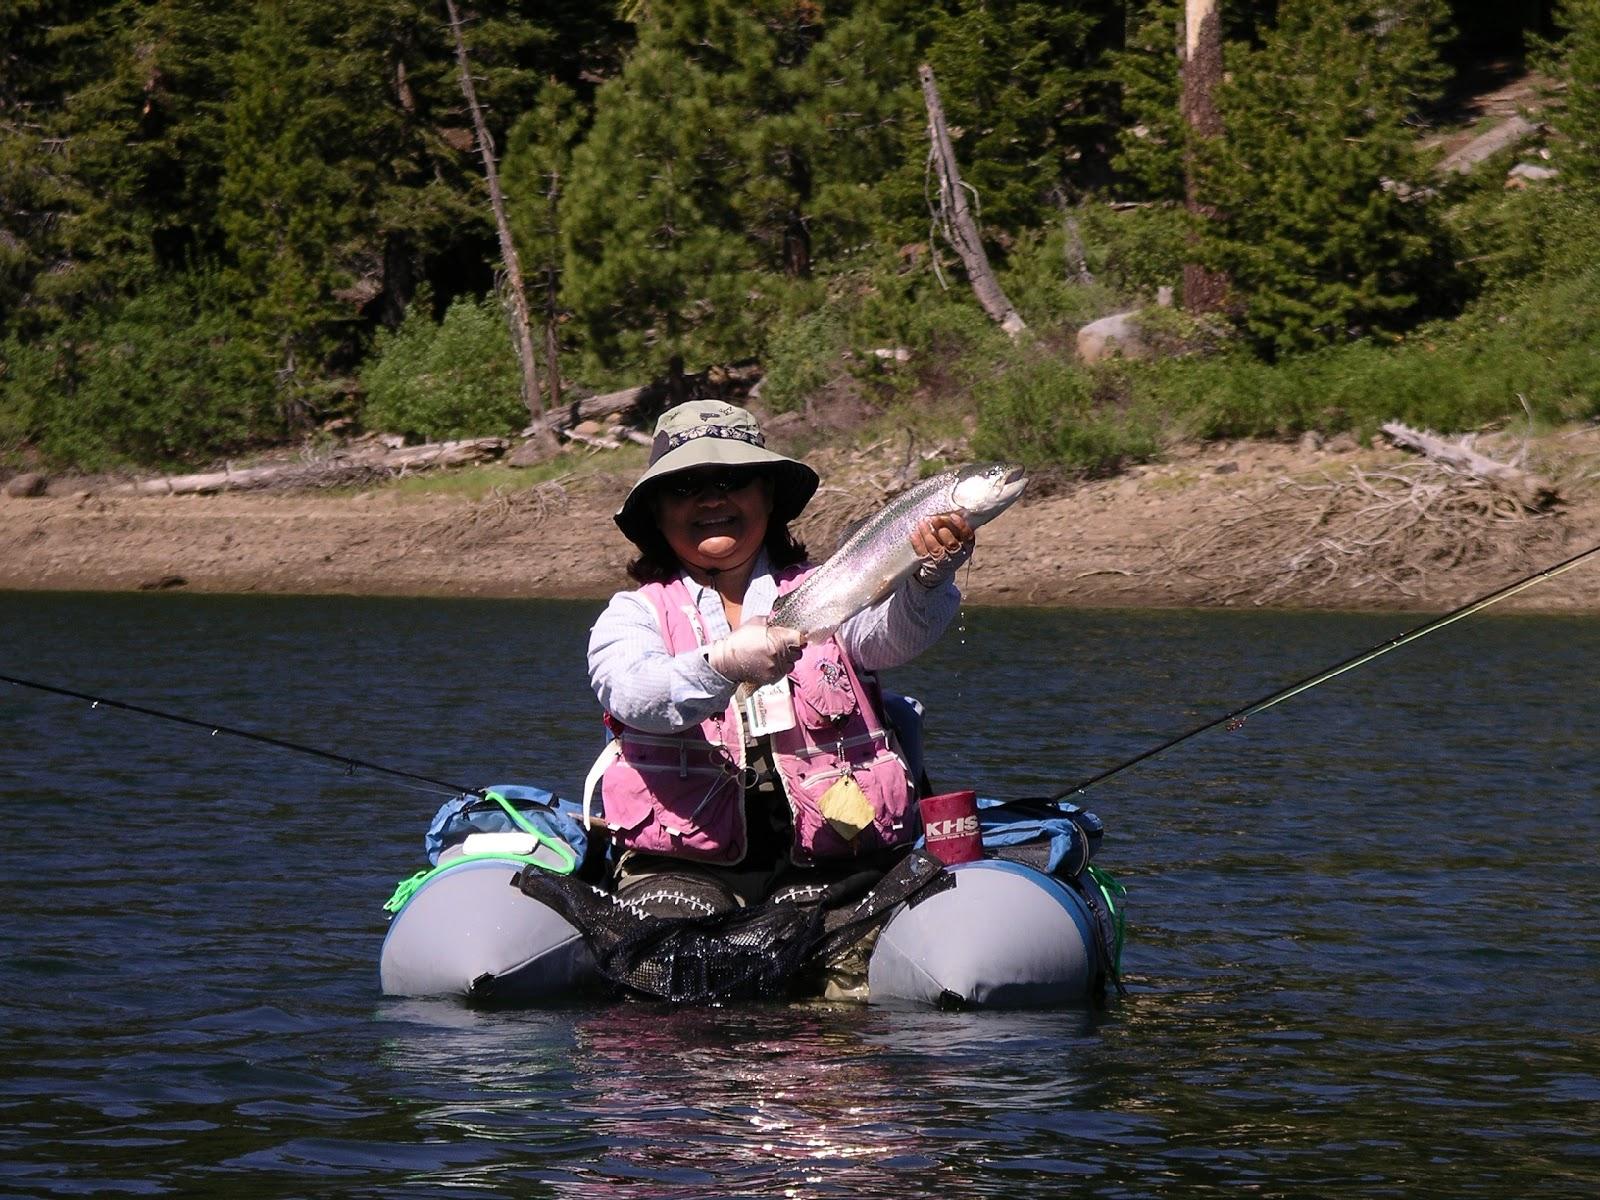 Sawmill Lake Fly Fishing 2015